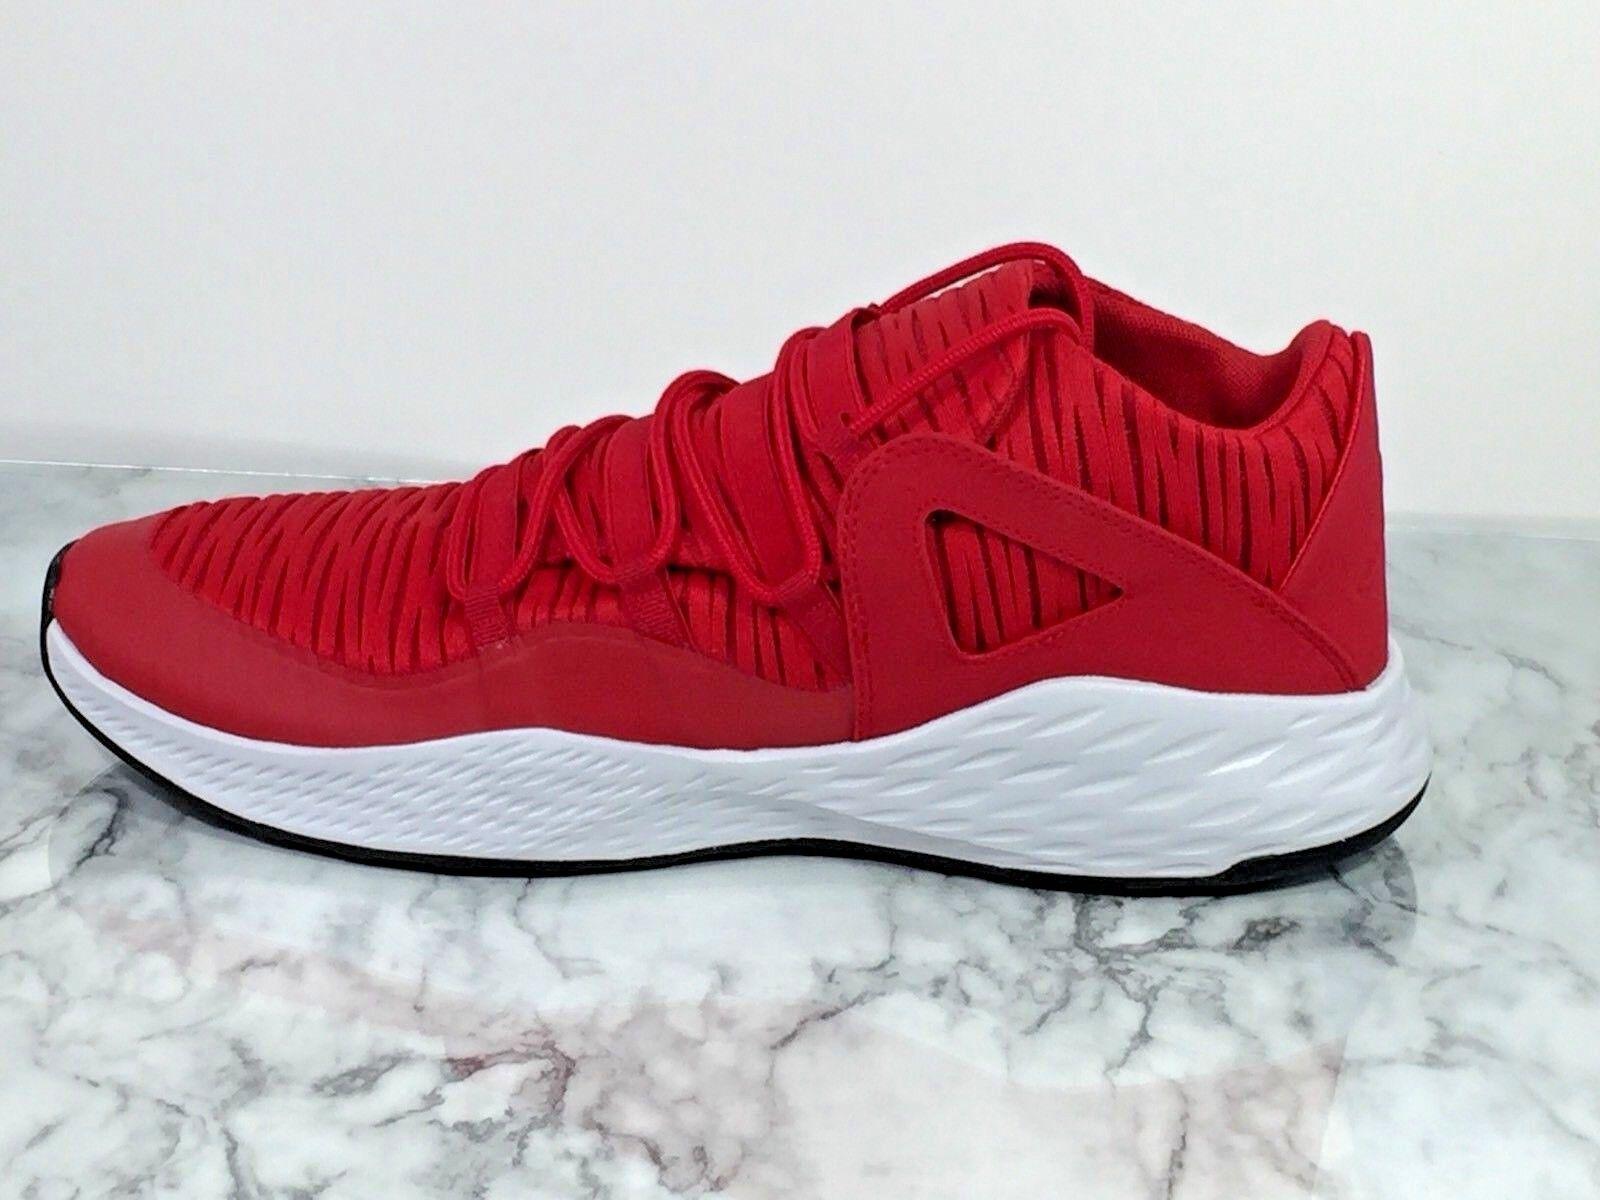 low priced 96625 03d0a ... cheapest nike air jordan 23 bajo cómodos fórmula de zapatillas hombres  cómodos bajo zapatos nuevos para